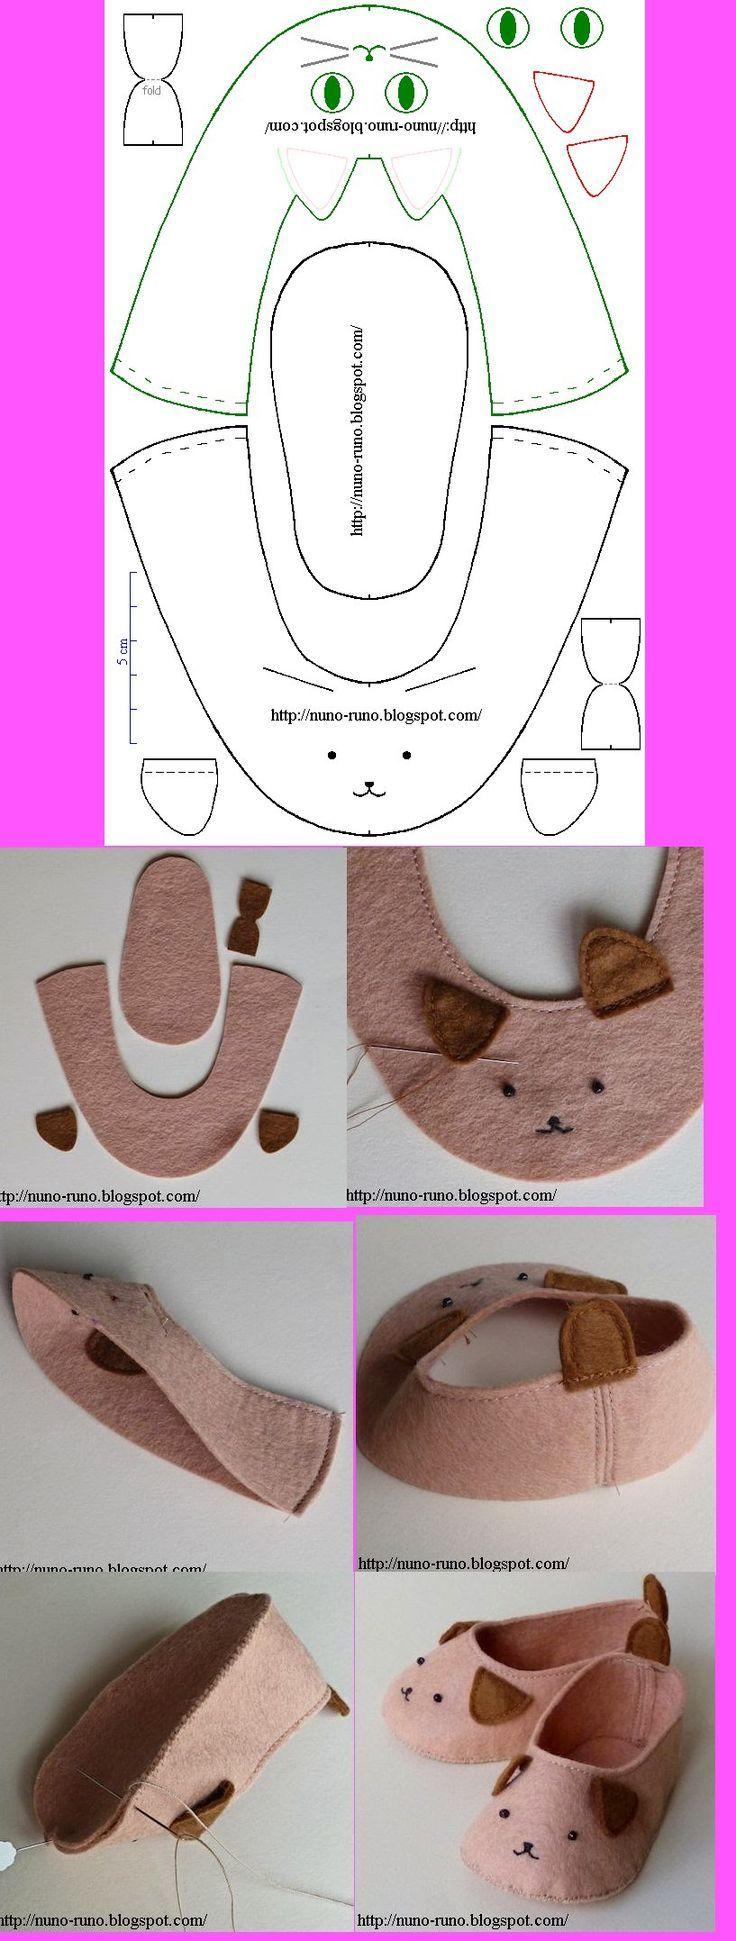 Modèle : chaussons en feutre - taille à adapter